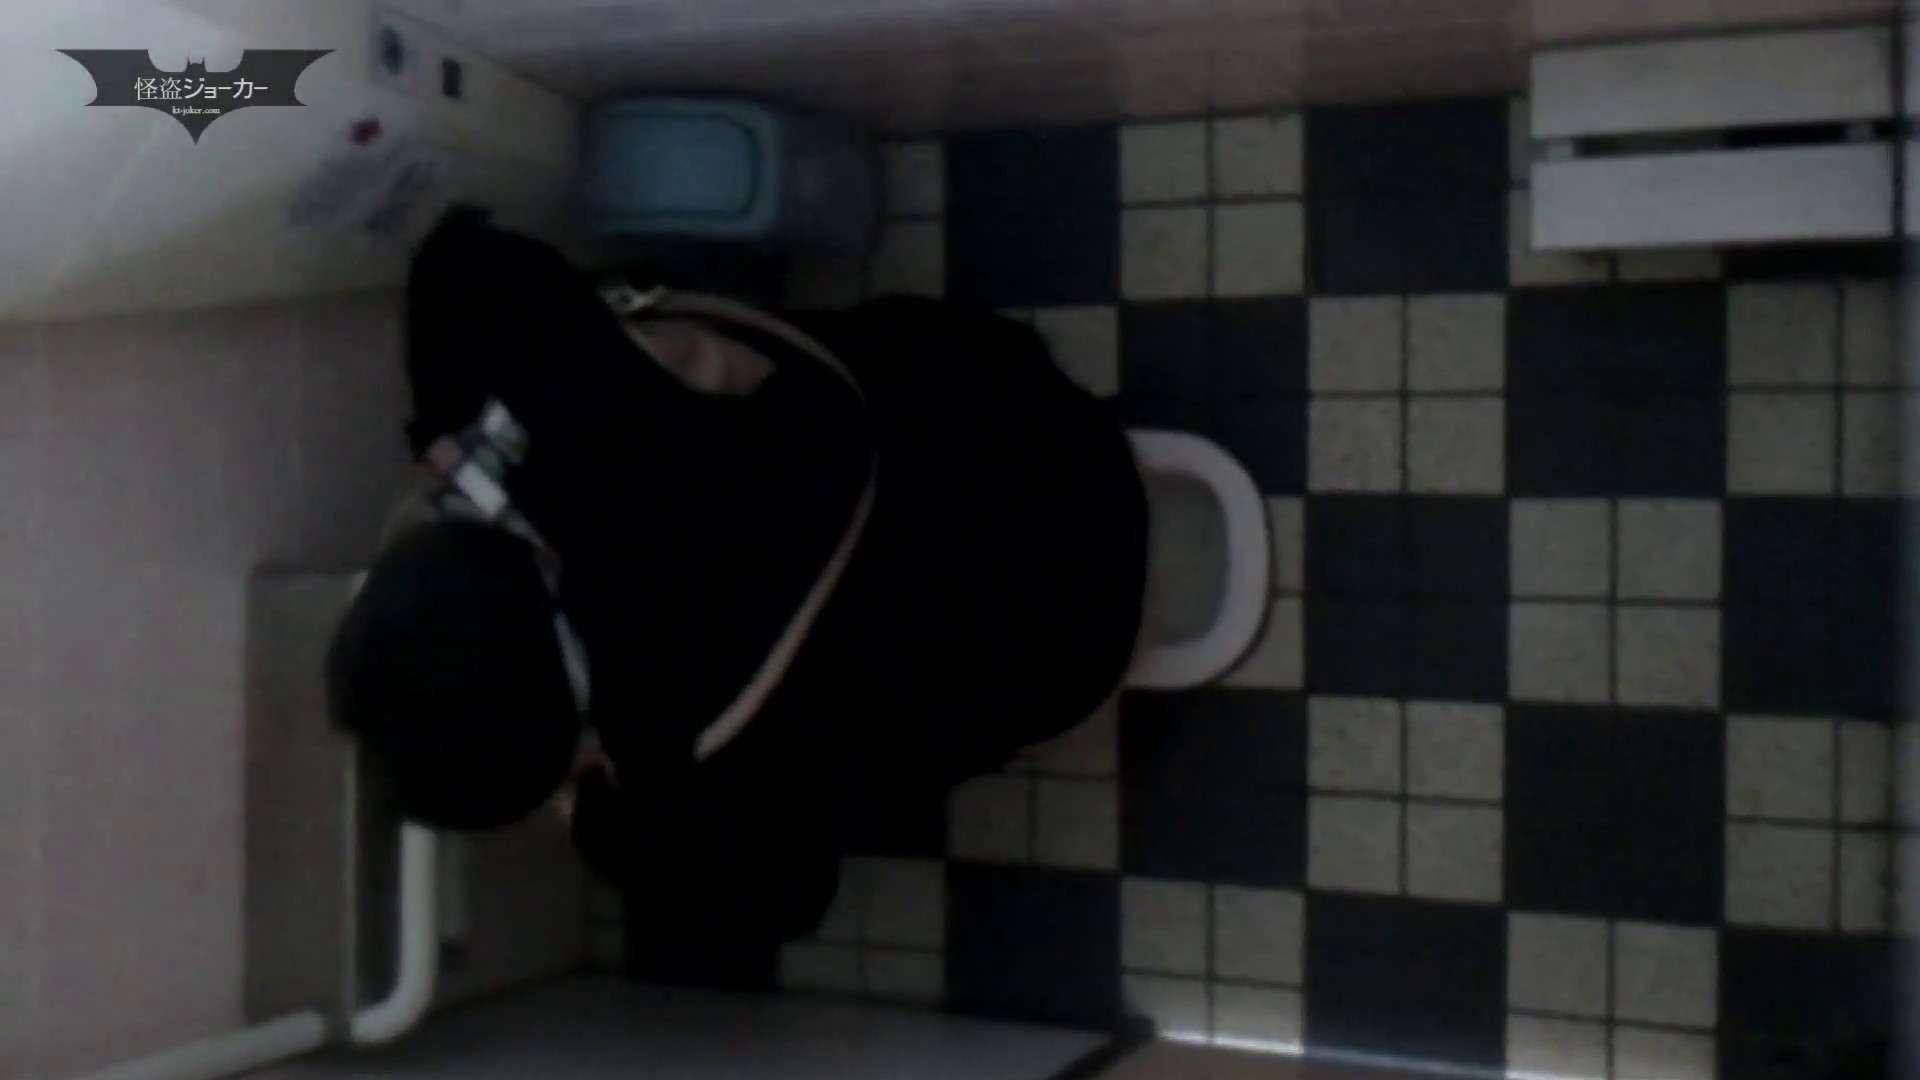 エッチ 熟女 化粧室絵巻 駅舎編 VOL.13 銀河さんおススメです。 怪盗ジョーカー